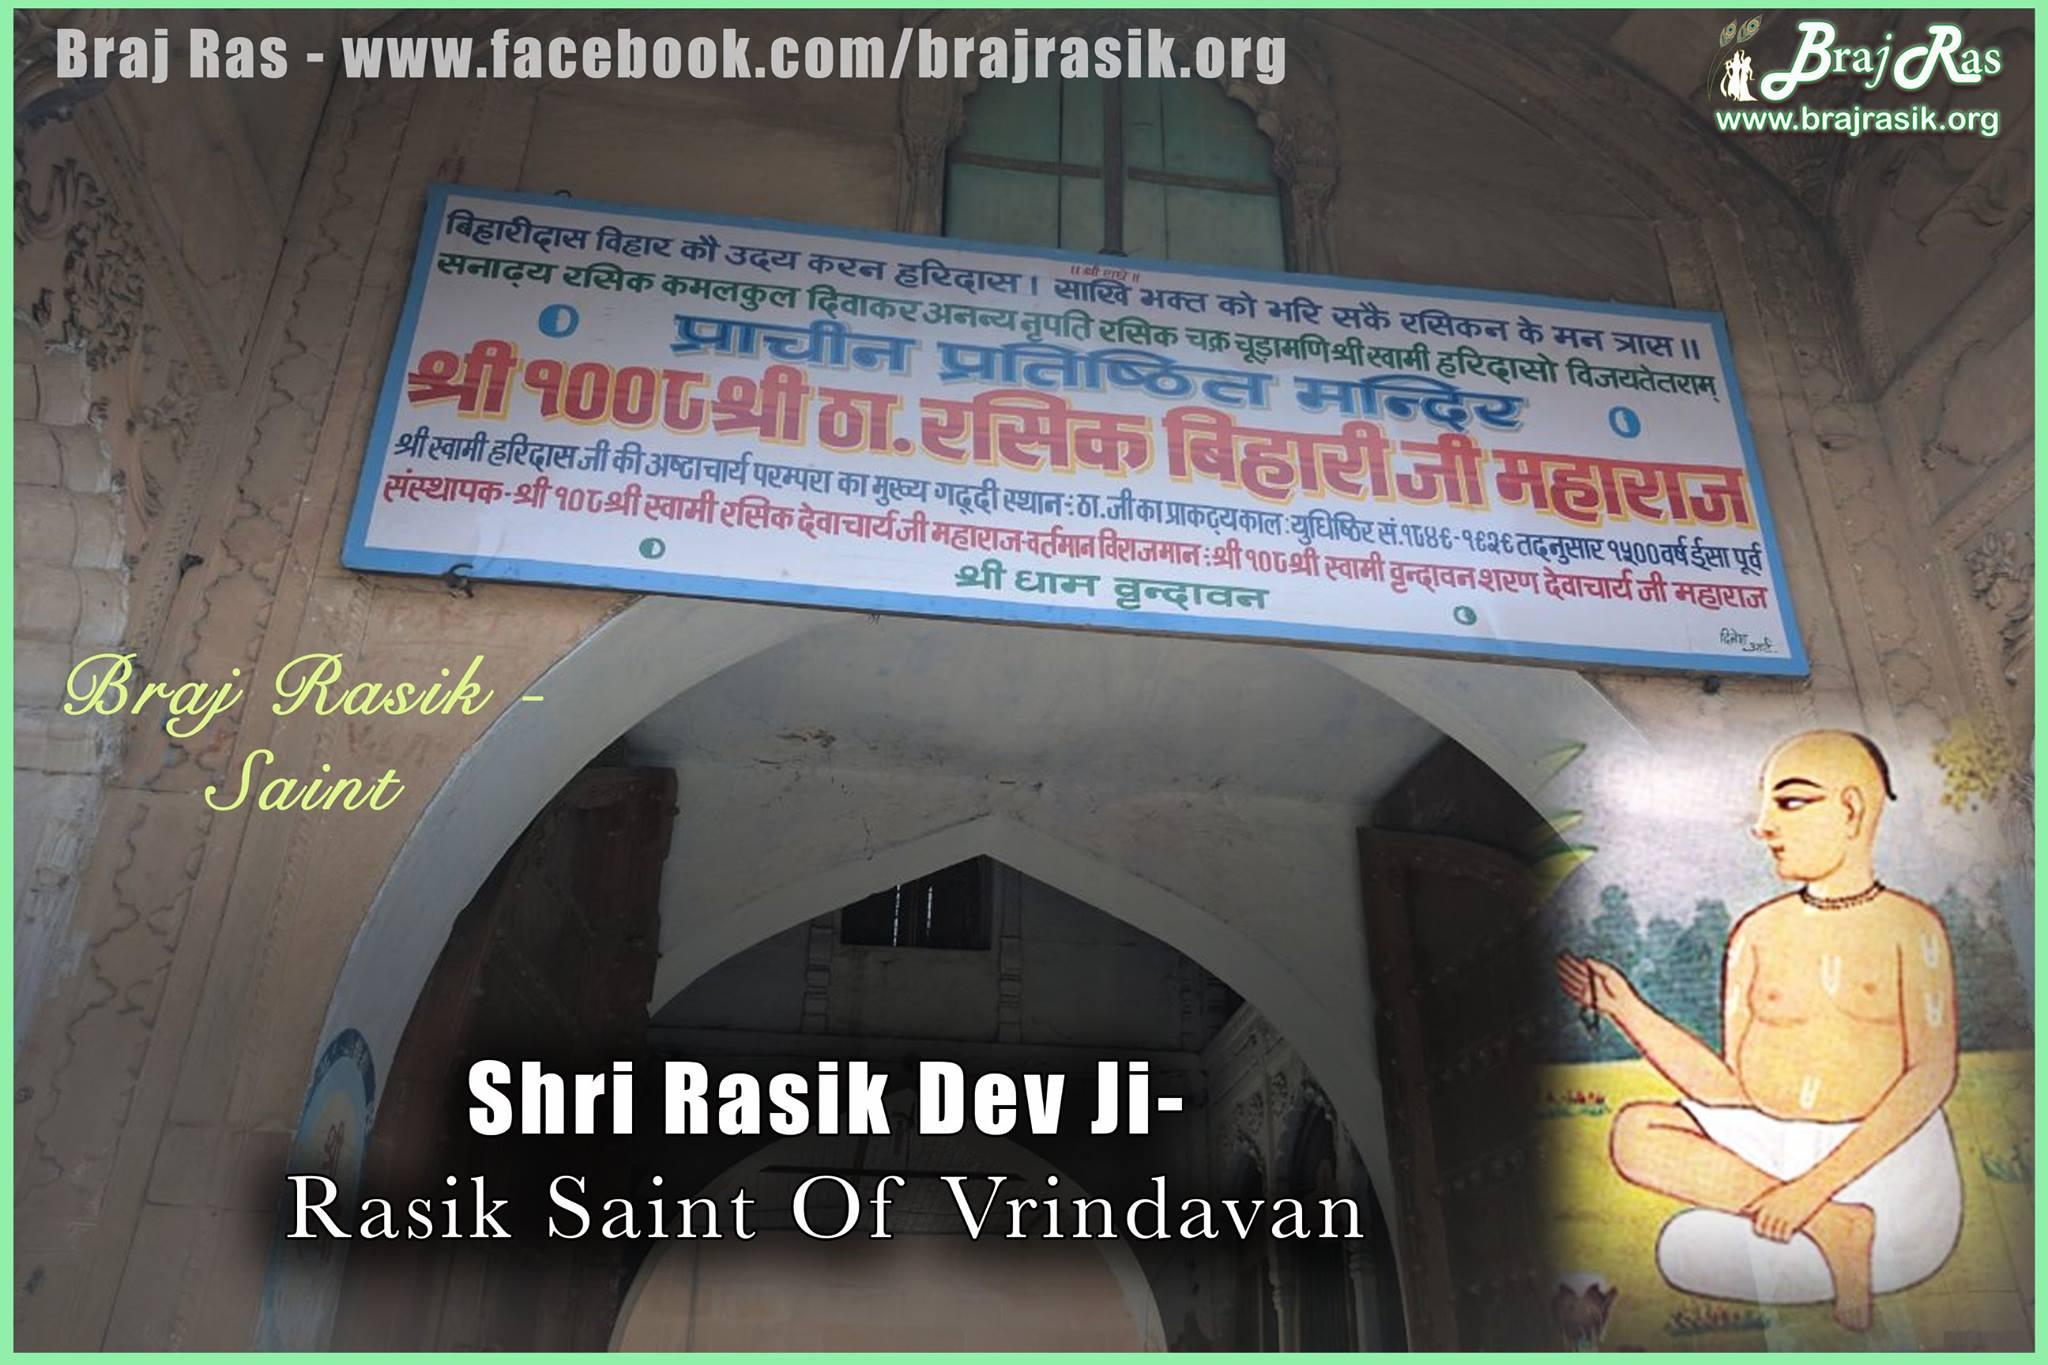 Shri Rasik Dev Ji - Rasik Saint of Vrindavan